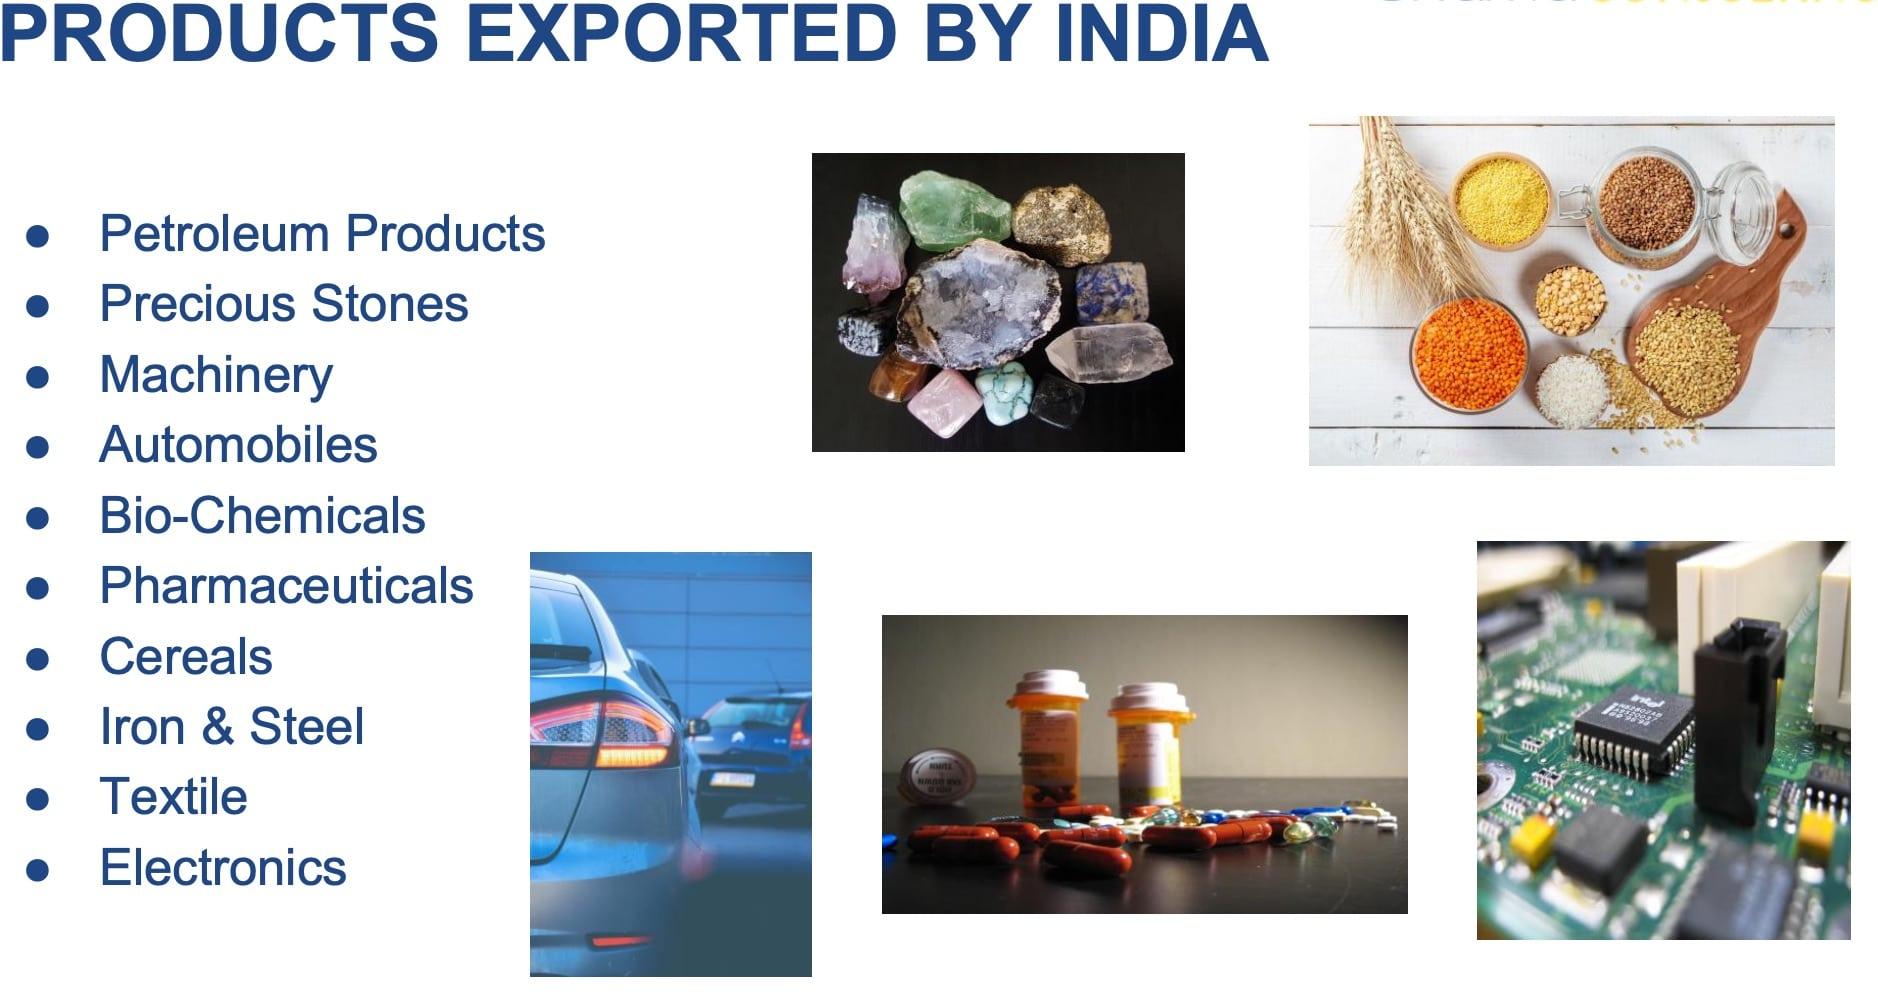 Indian partners export